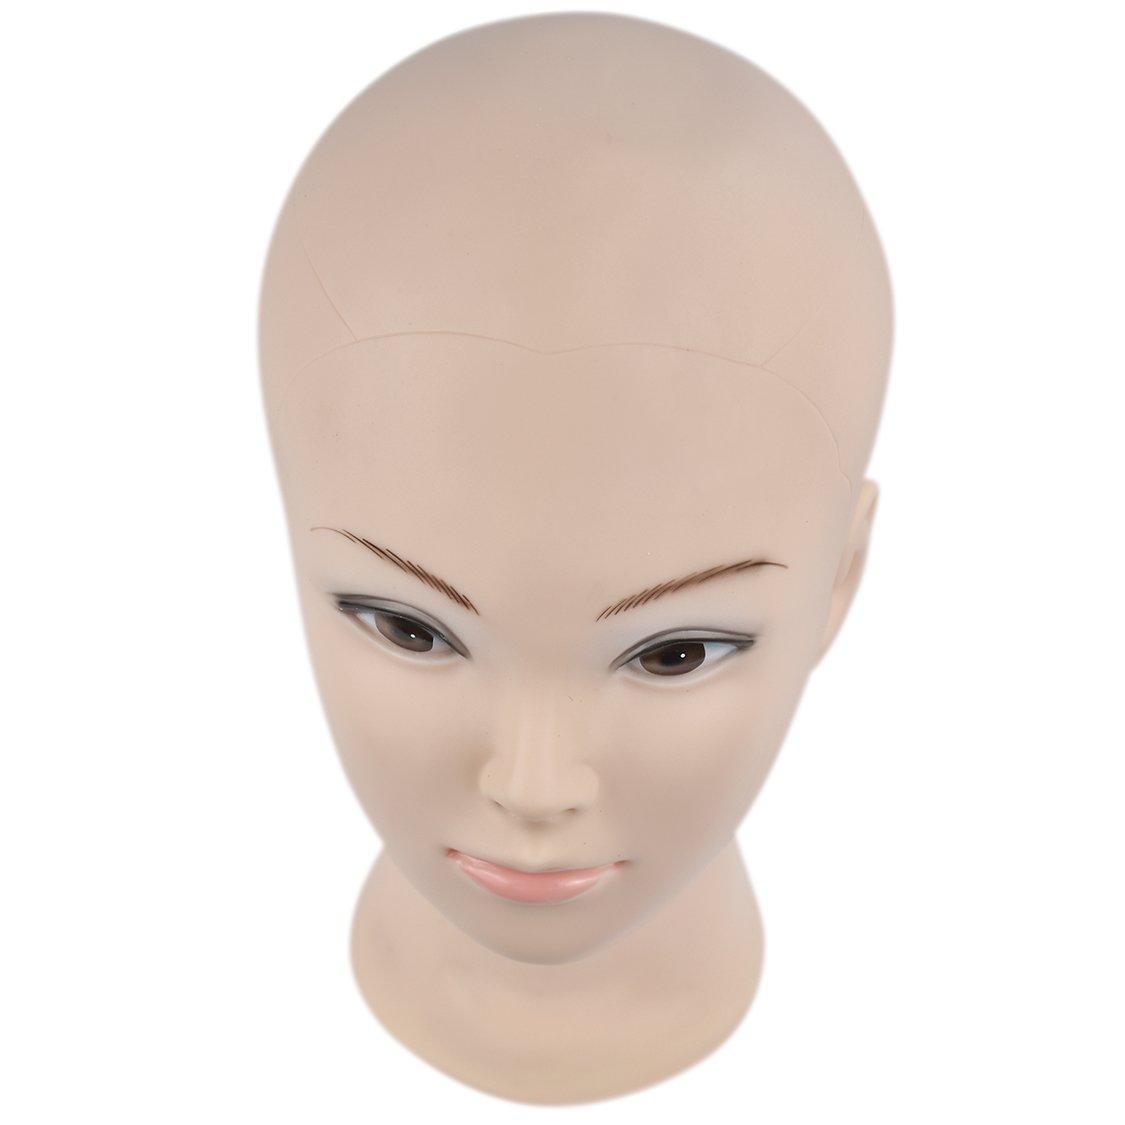 ERSIMAN Maquillaje Cabeza de entrenamiento calva Cosmetología Maniquí Cabeza de maniquí para pelucas Fabricación y exhibición con abrazadera libre: ...